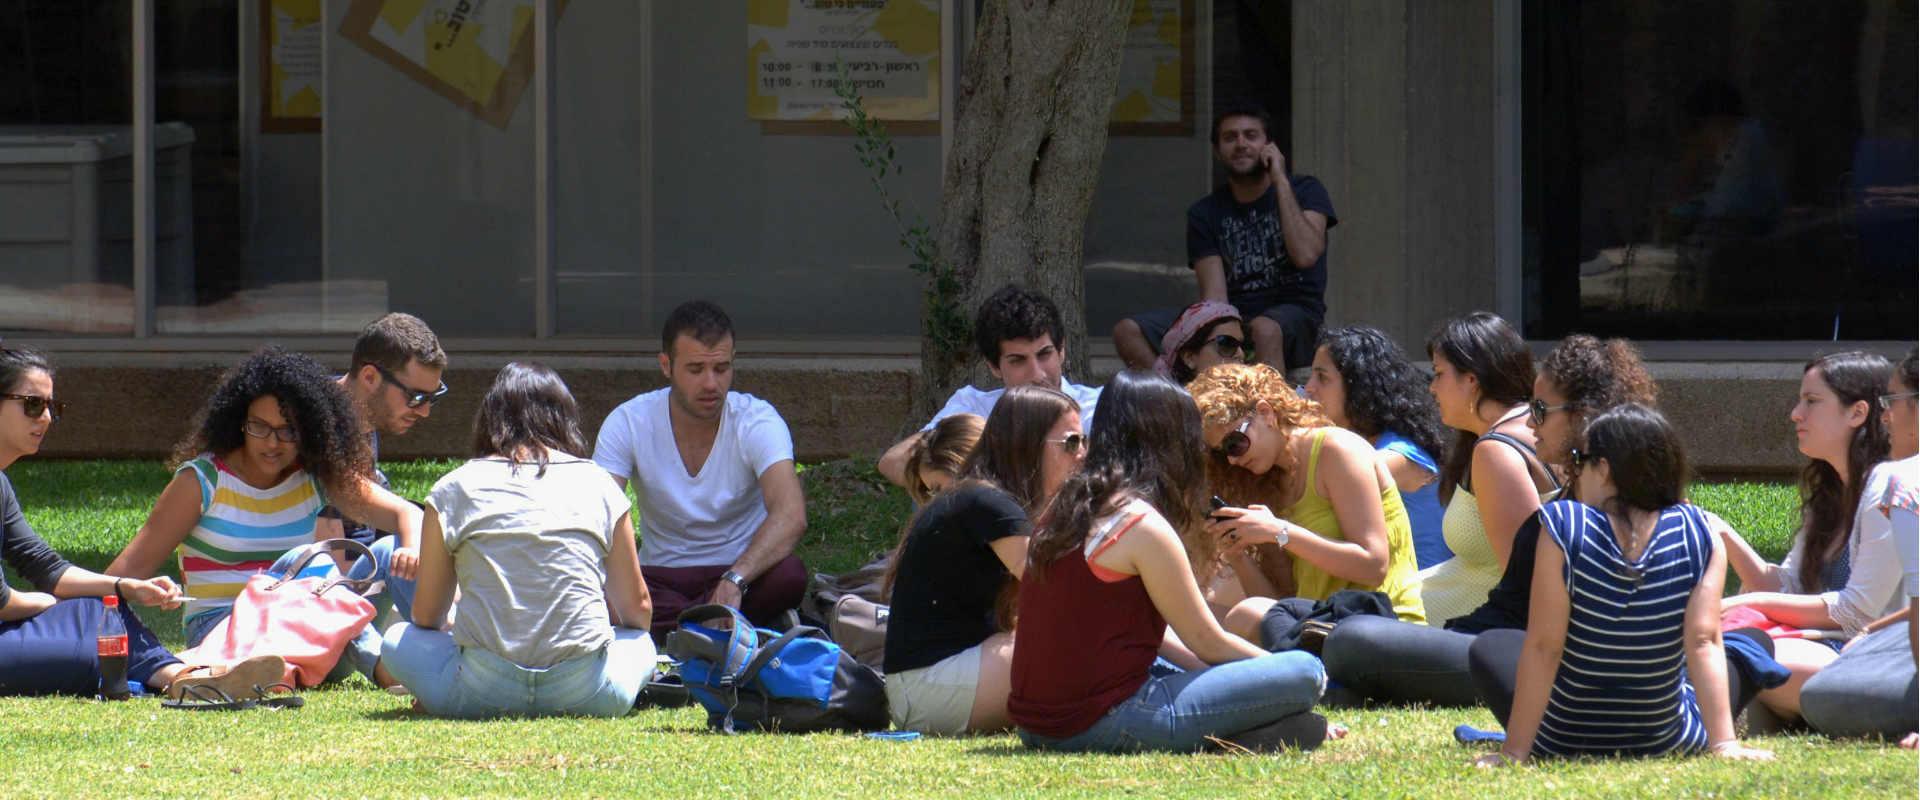 סטודנטים באוניברסיטת בן גוריון, 2013